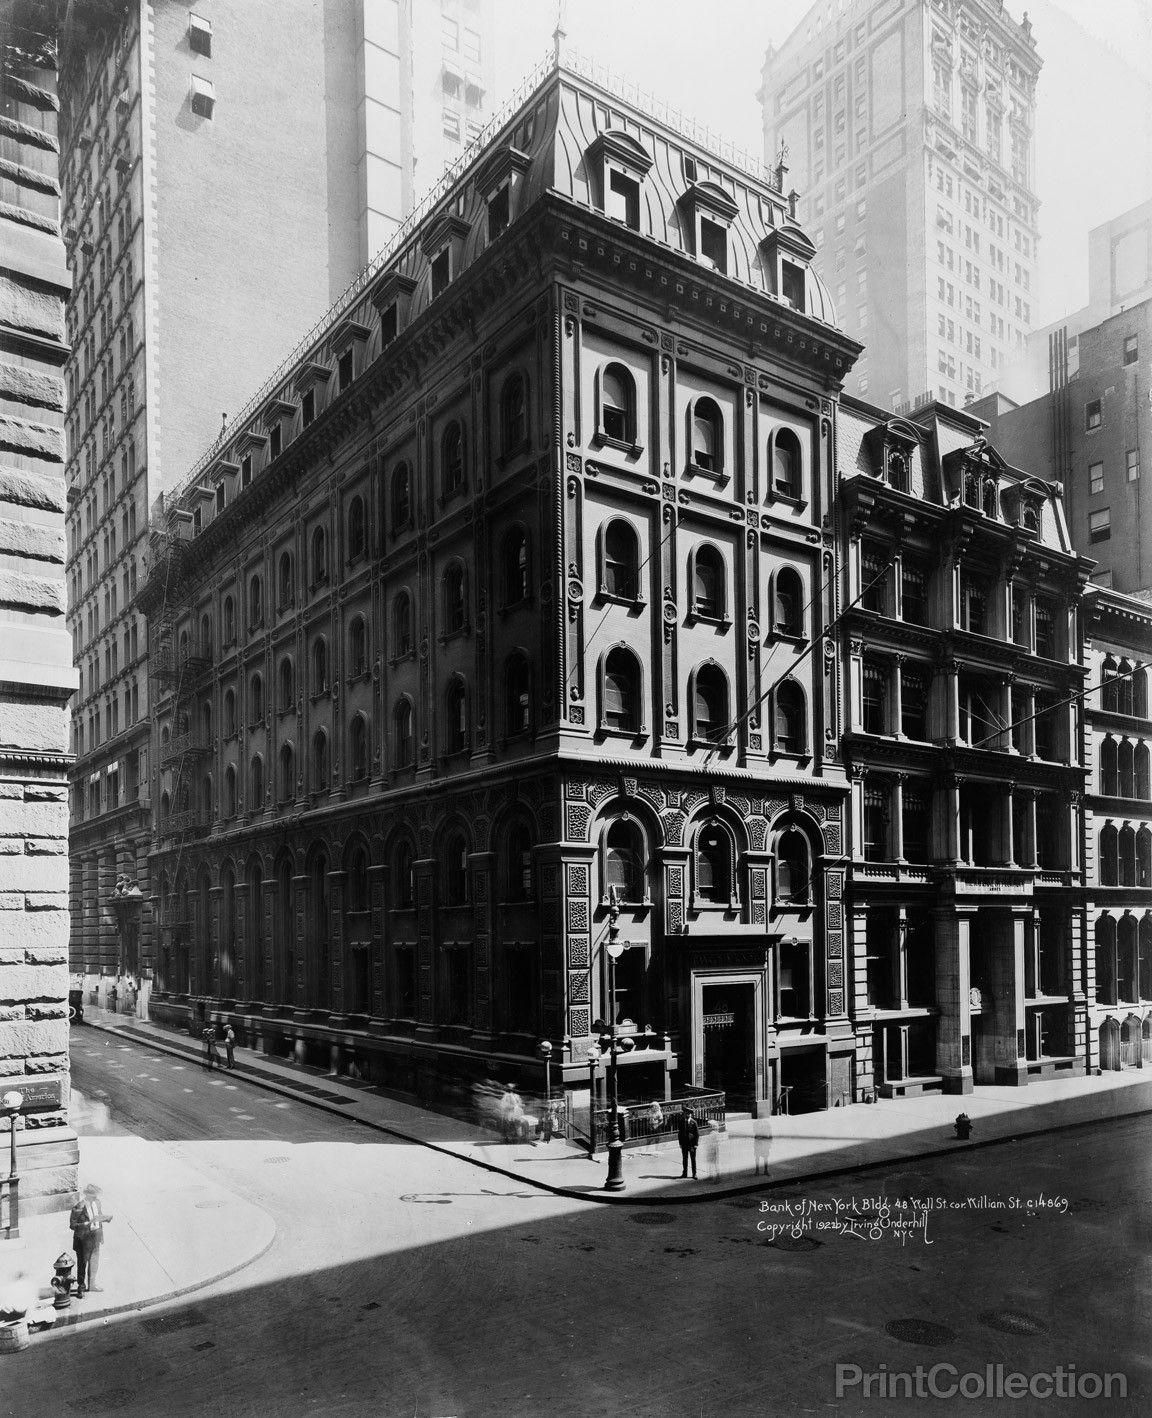 Bank of new york building downtown new york place nueva york edificios y fachadas edificios - Oficina de turismo nueva york ...